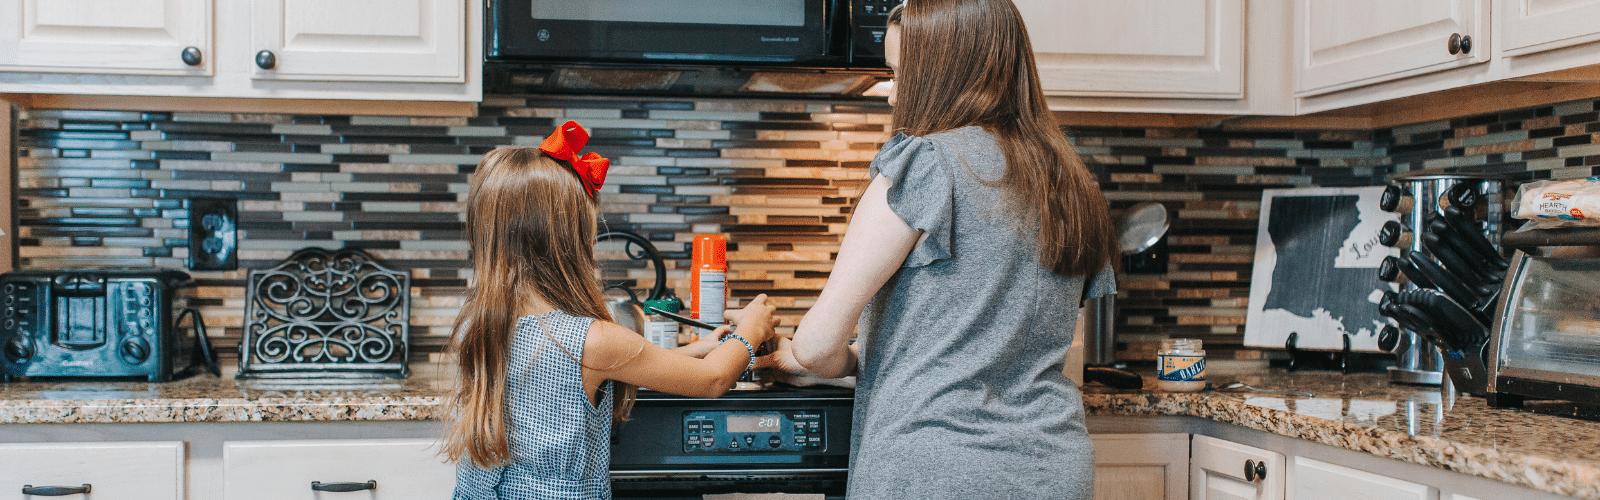 Cuisine : 3 recettes faciles pour enfants !